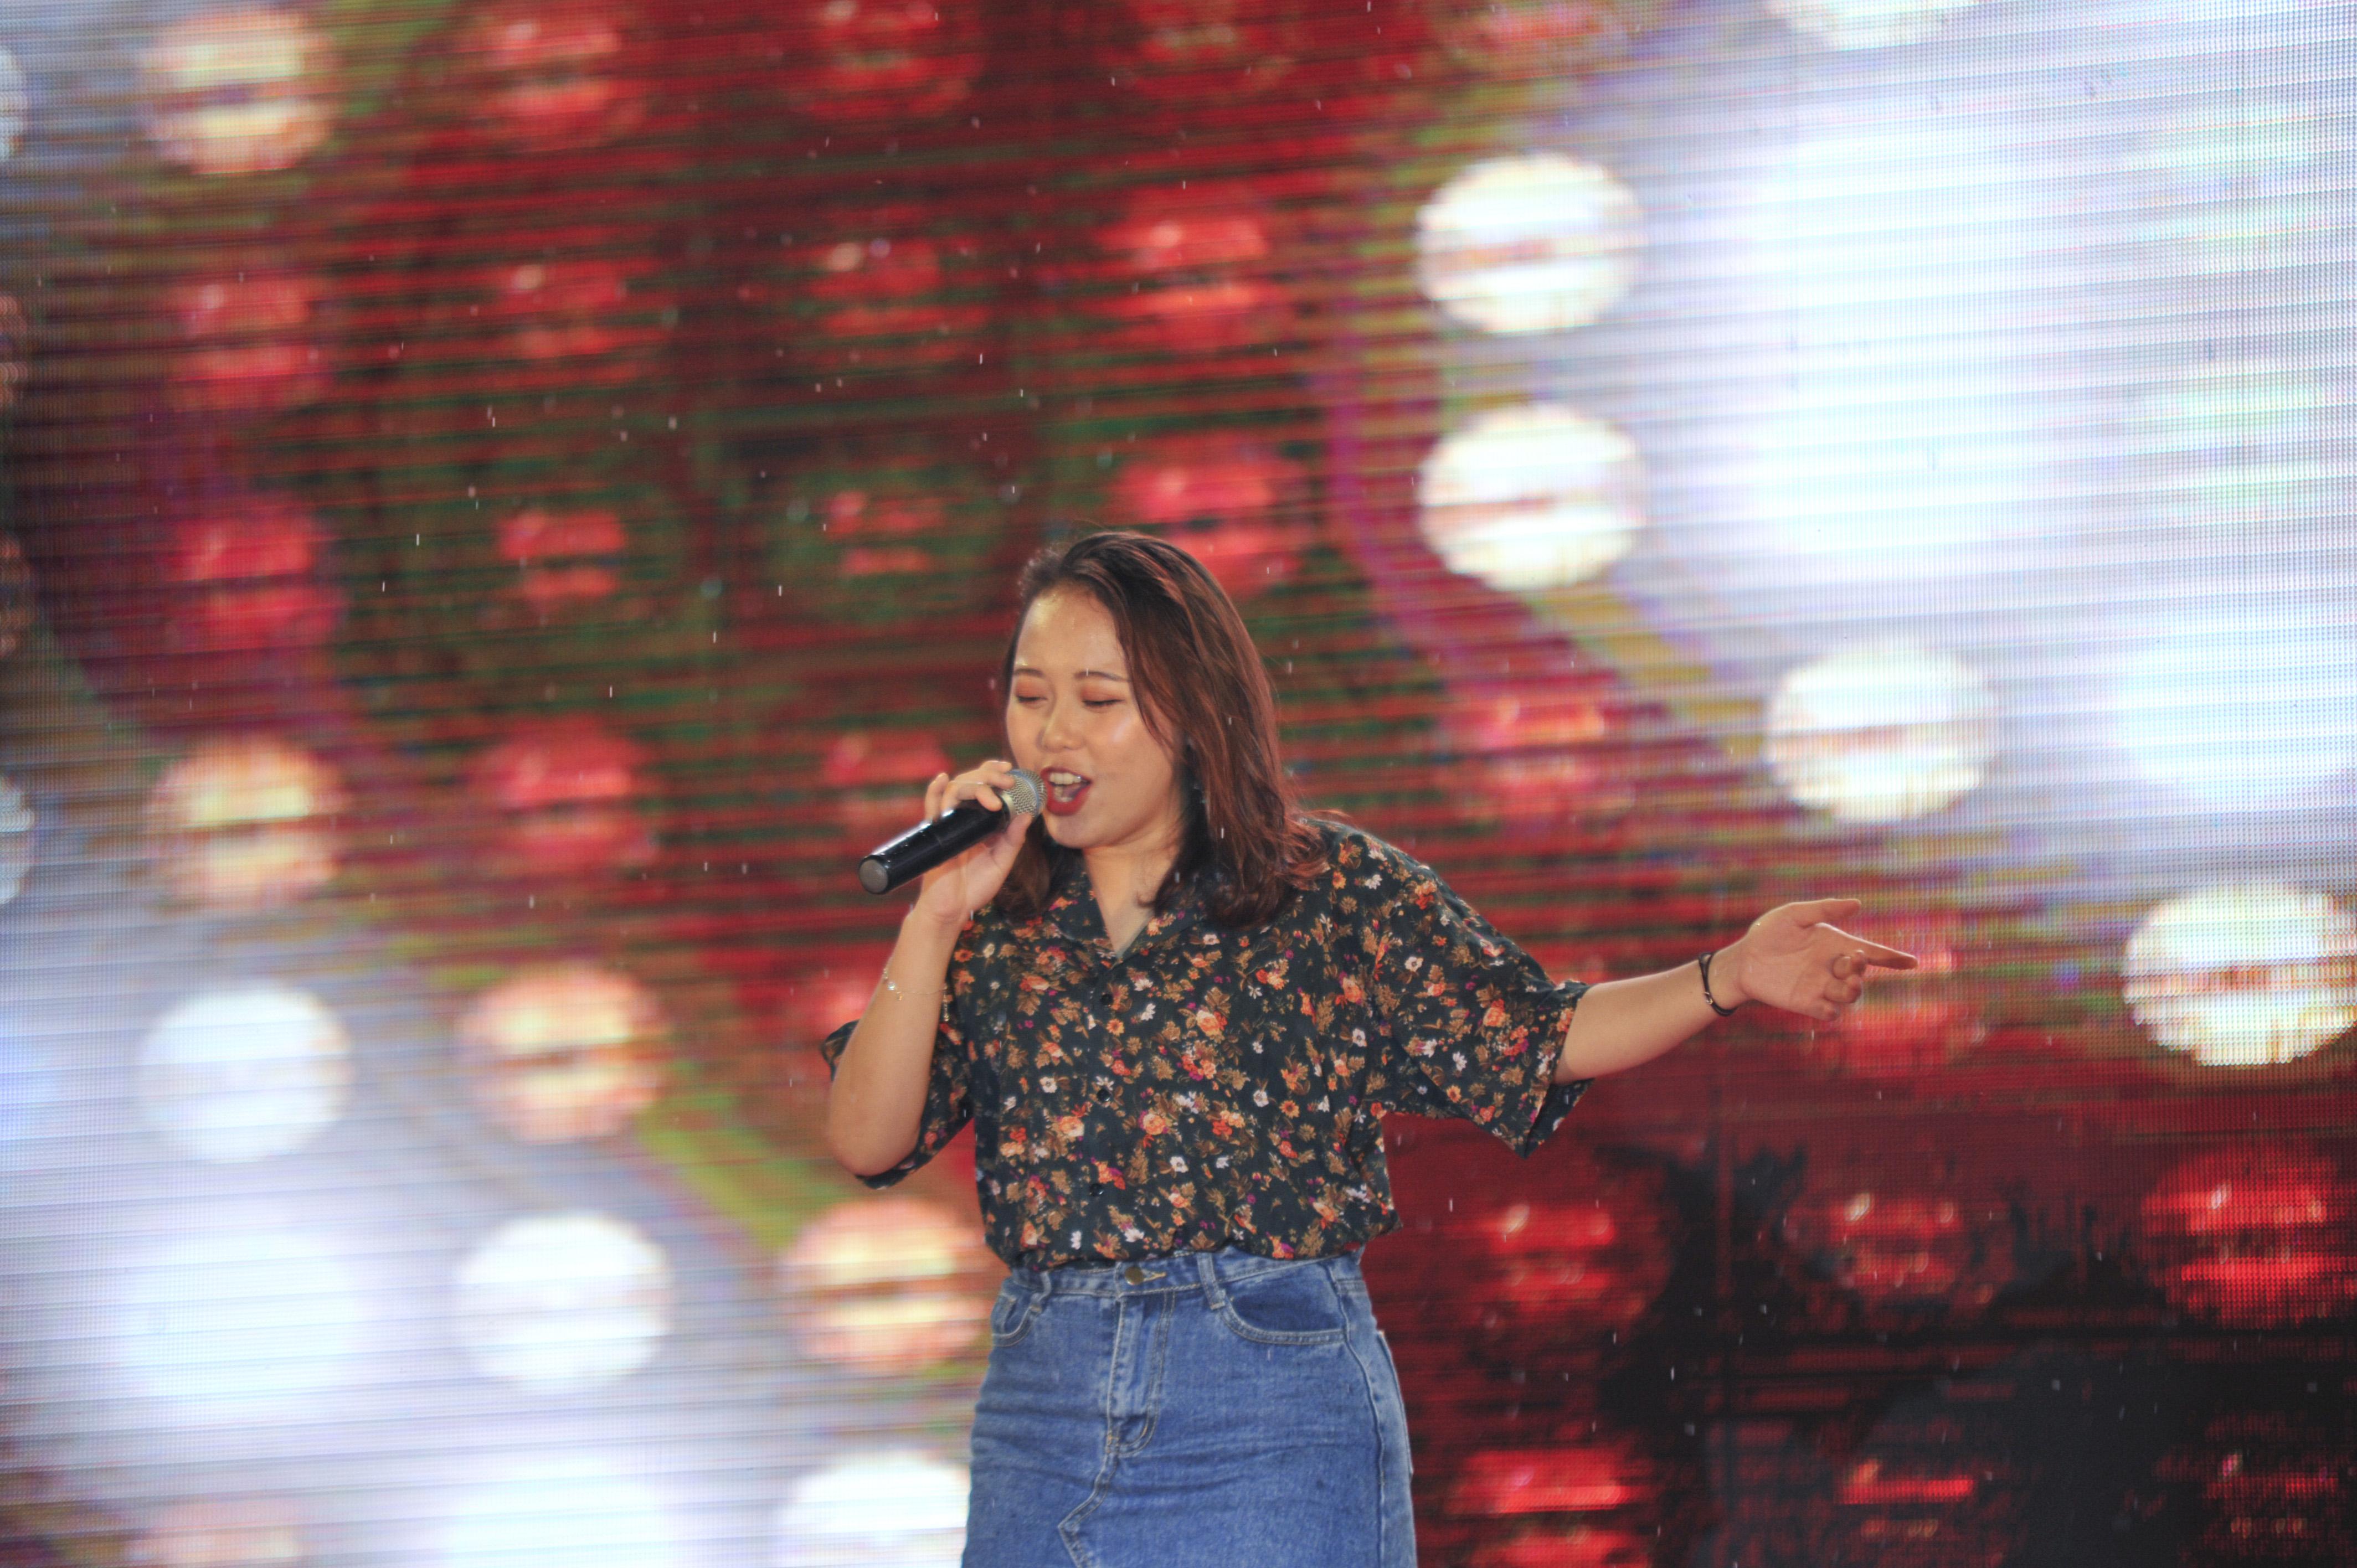 """Quán quân FPT University Talent mùa 2 - Đỗ Hải Băng xuất hiện trên sân khấu và mang đến một bài hát dân gian đương đại. Ngay trước đó, tối 6/5, Hải Băng đã giúp Tổ chức Giáo dục FPT giành giải Vàng tại nhạc hội Sao Chổi của tập đoàn FPT. Chia sẻ sau bài hát, cô sinh viên năm nhất của ĐH FPT cho biết: """"Danh hiệu Quán quân FPT University Talent giúp em trau dồi kinh nghiệm và tiếp tục đam mê cháy bỏng với âm nhạc trong suốt một năm qua. Em hoàn toàn tự tin với con đường này và lựa chọn đến với ĐH FPT là điều đúng đắn nhất đối với em""""."""